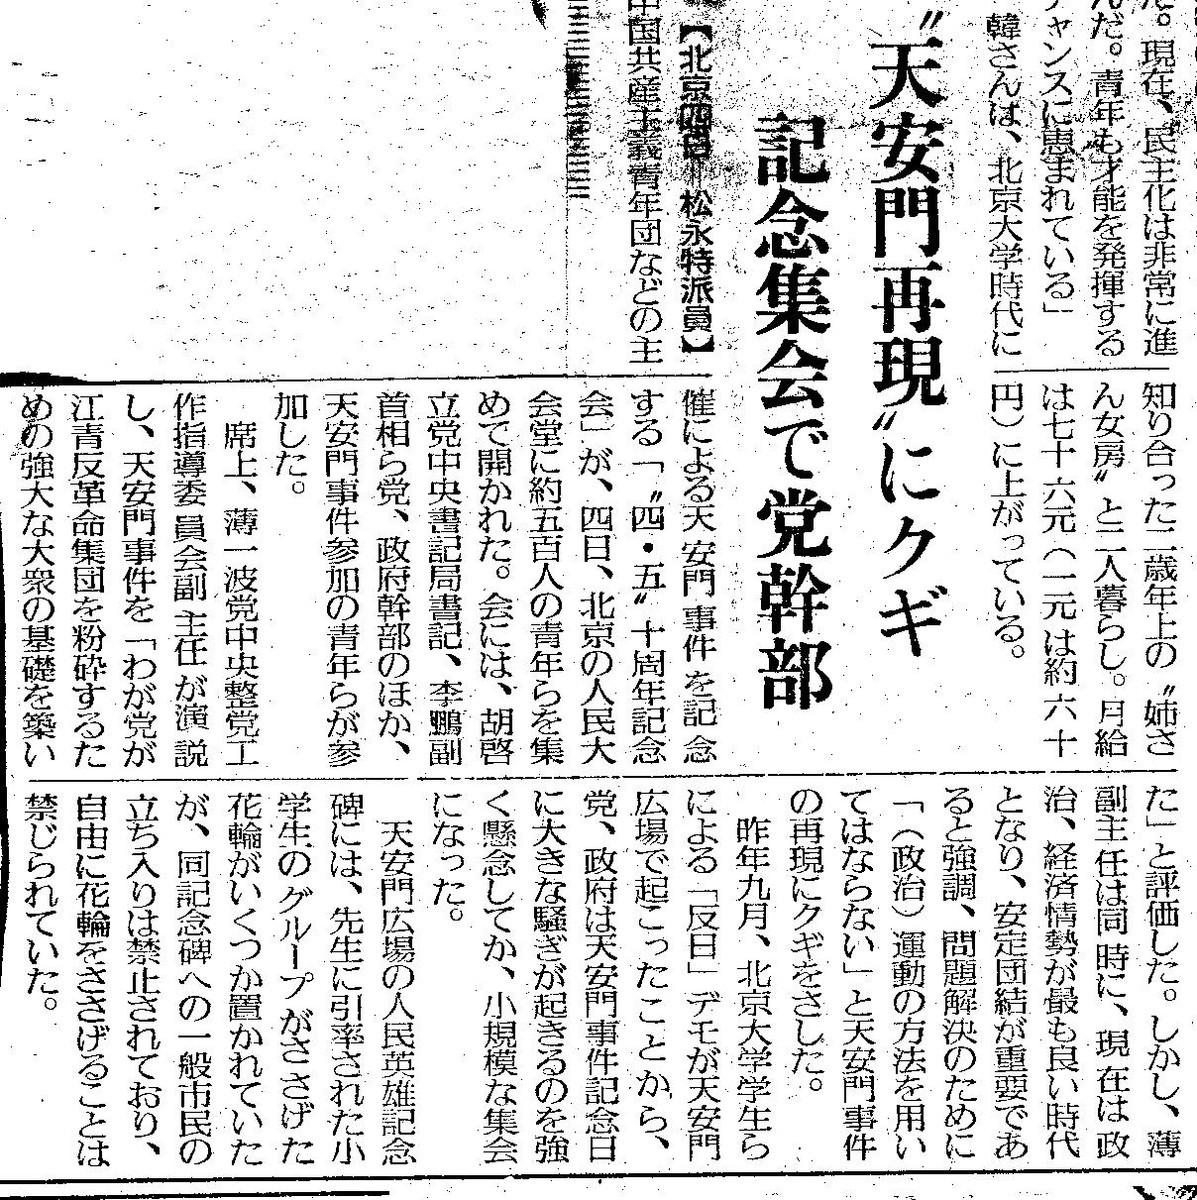 f:id:satoumamoru:20190610125336j:plain